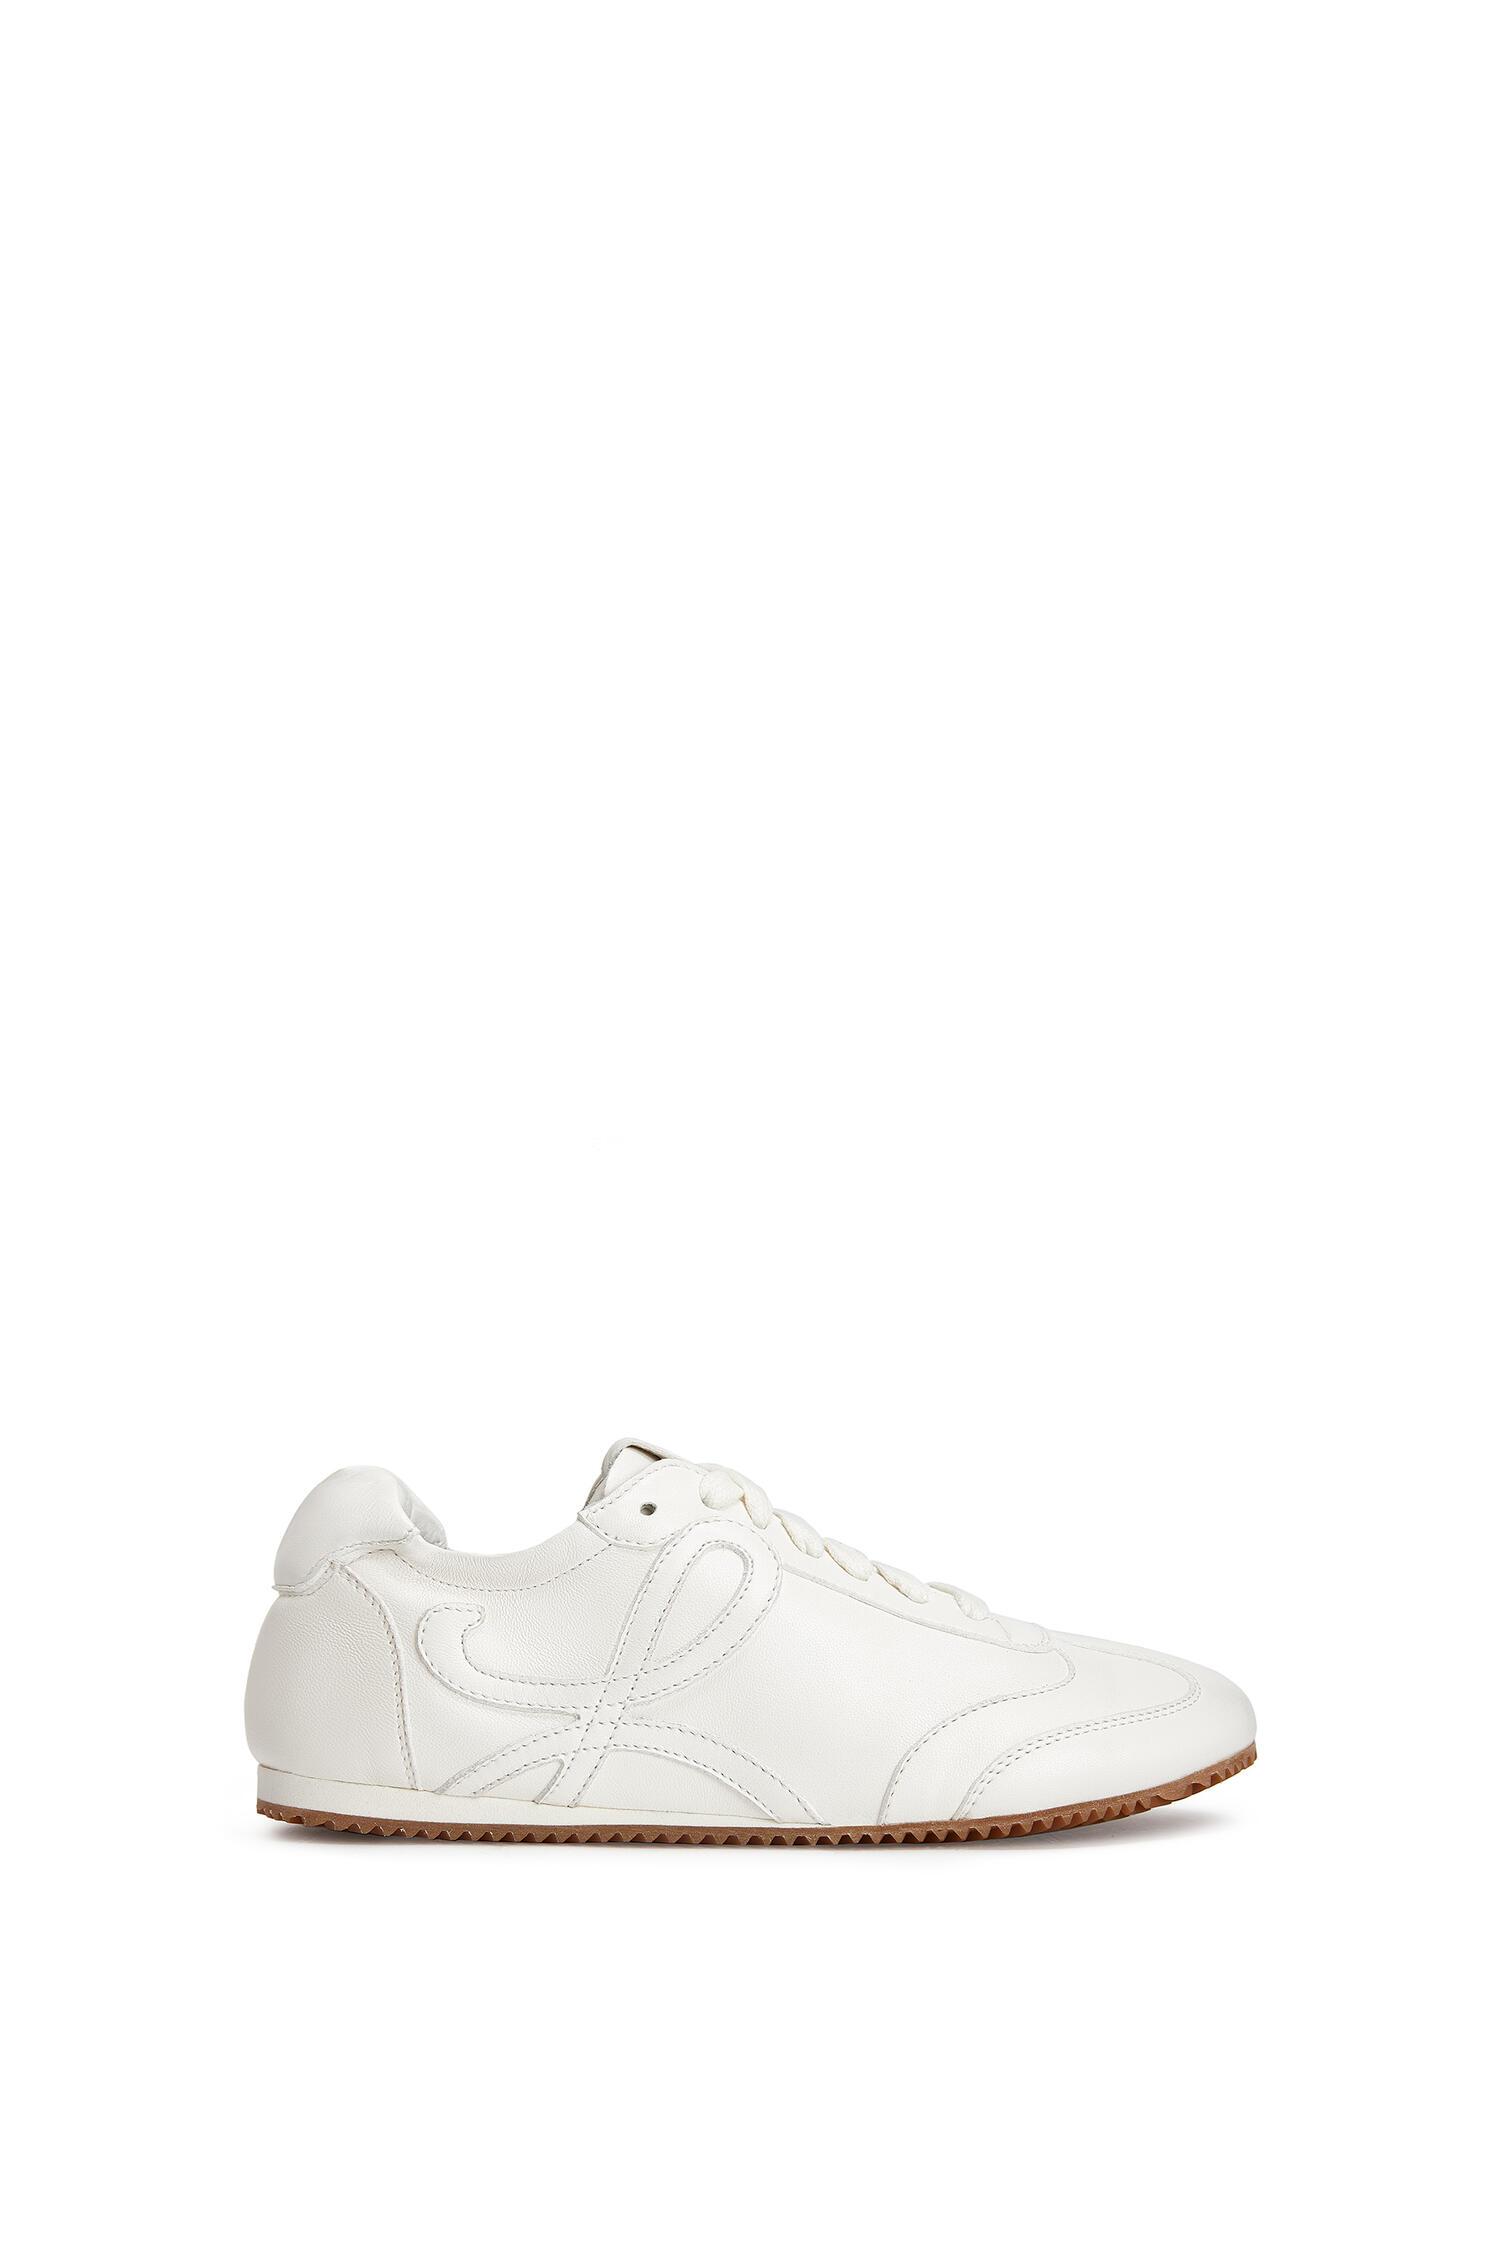 2. kép: LOEWE sneaker